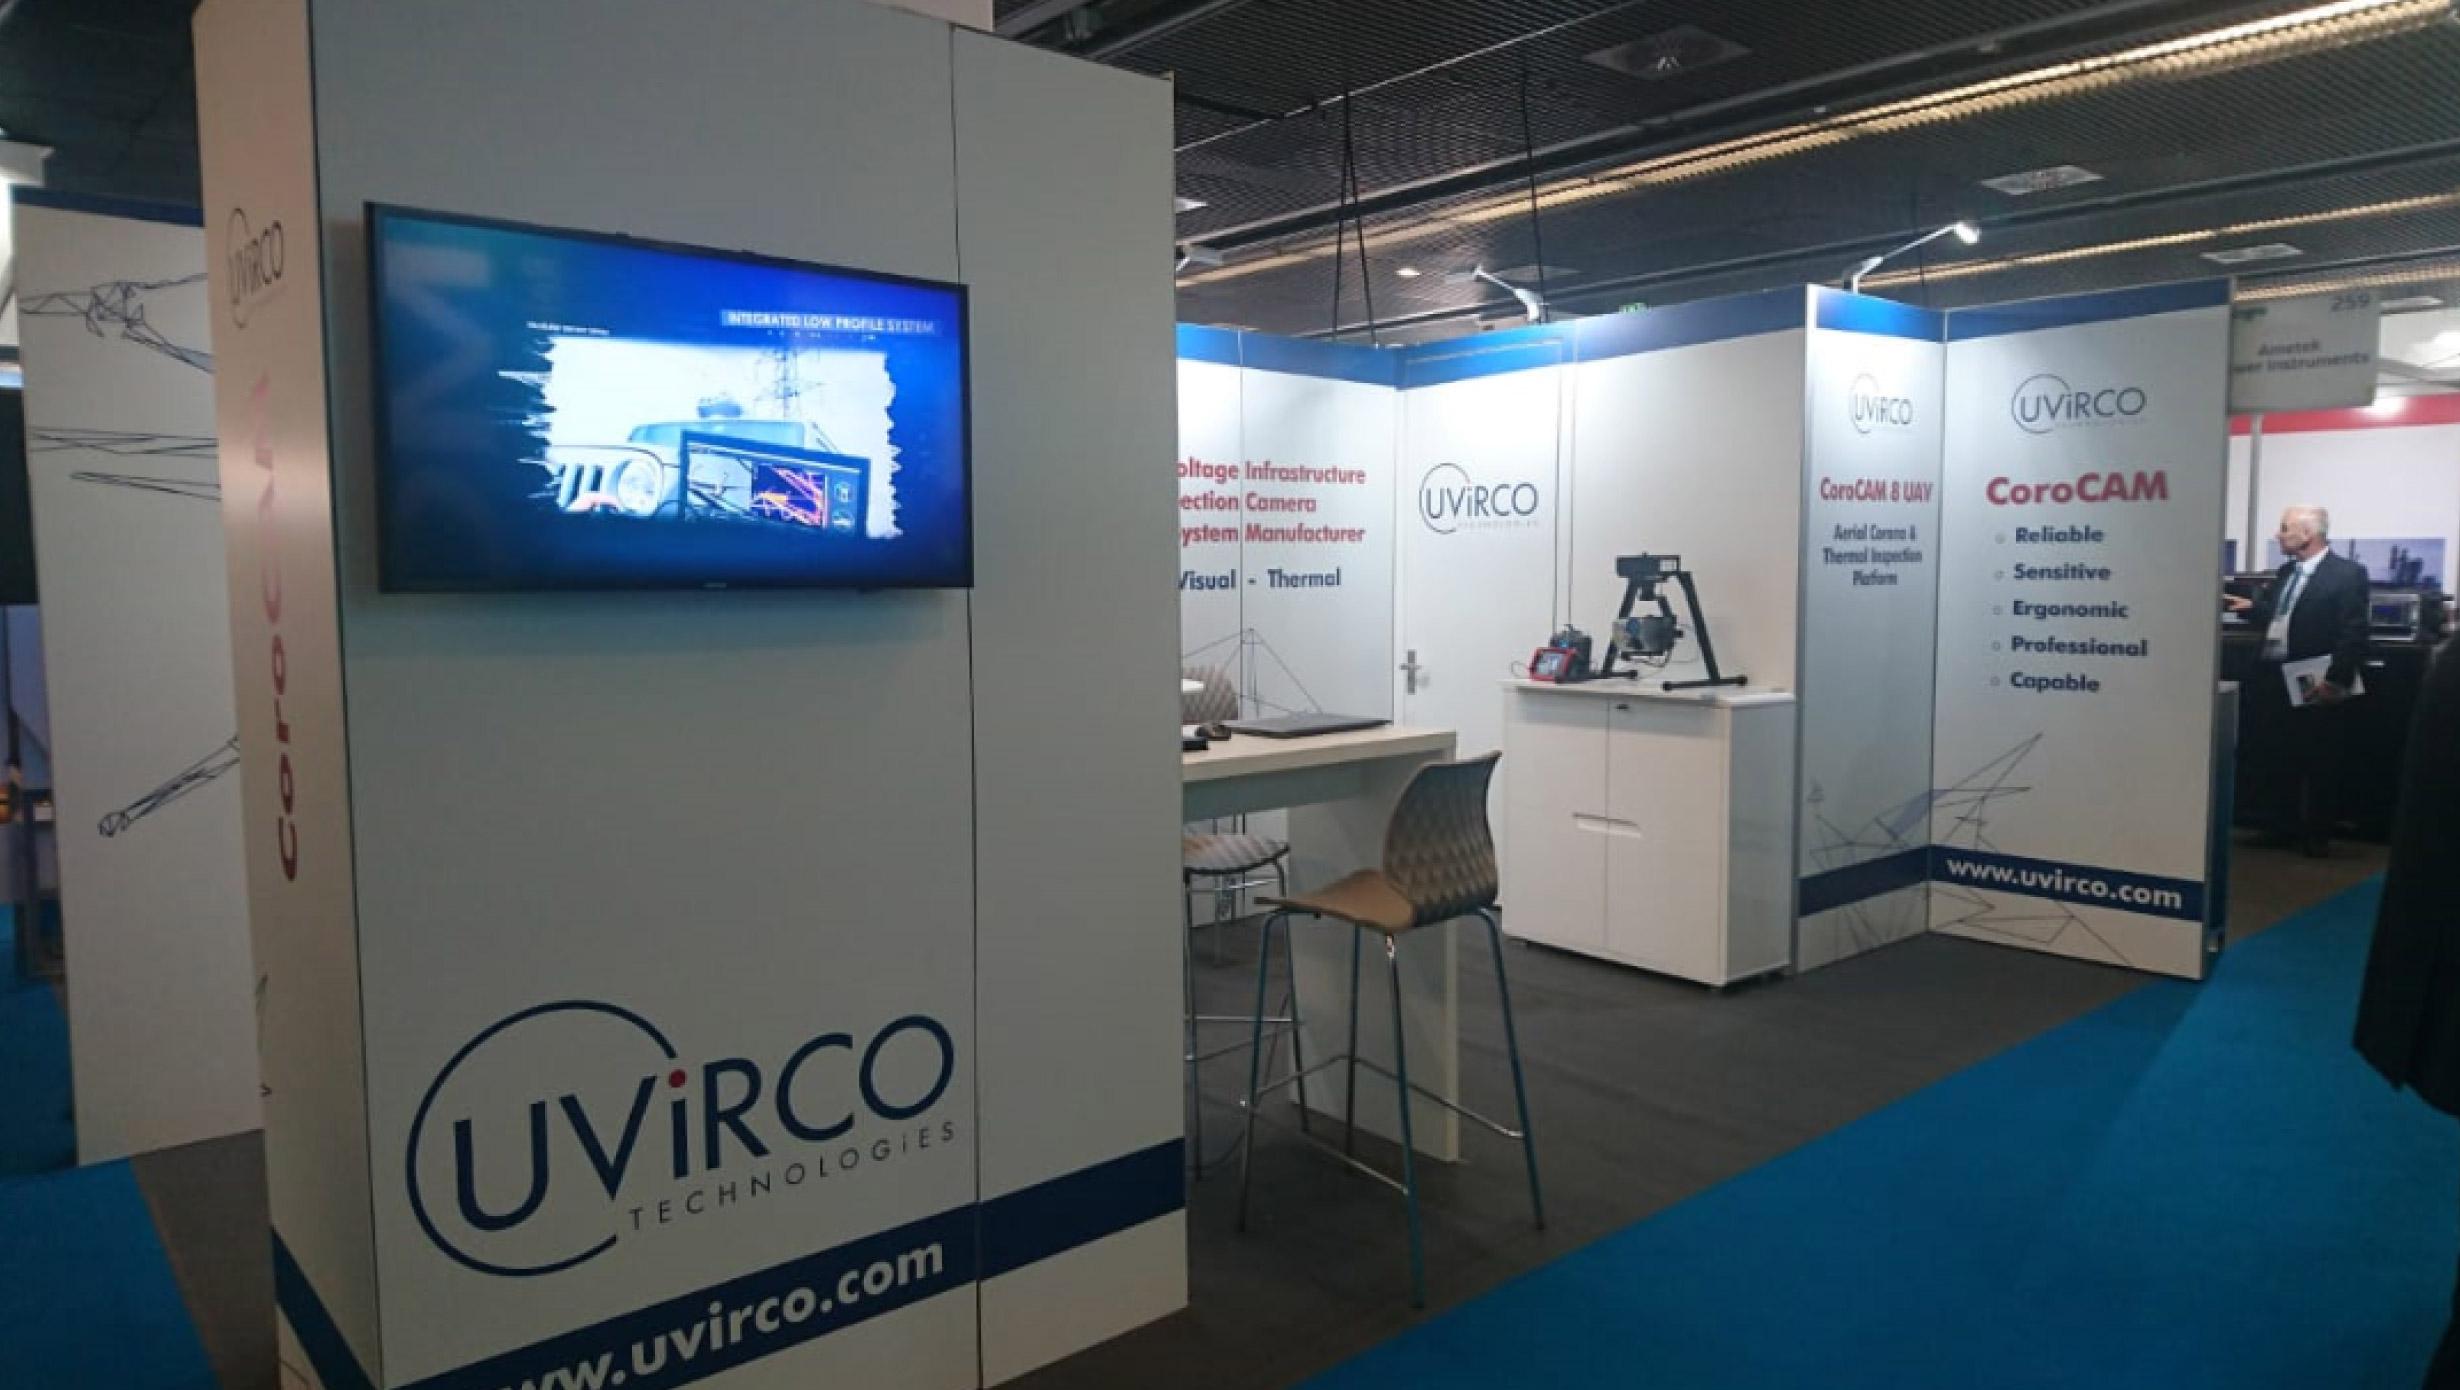 UViRCO Stand Design